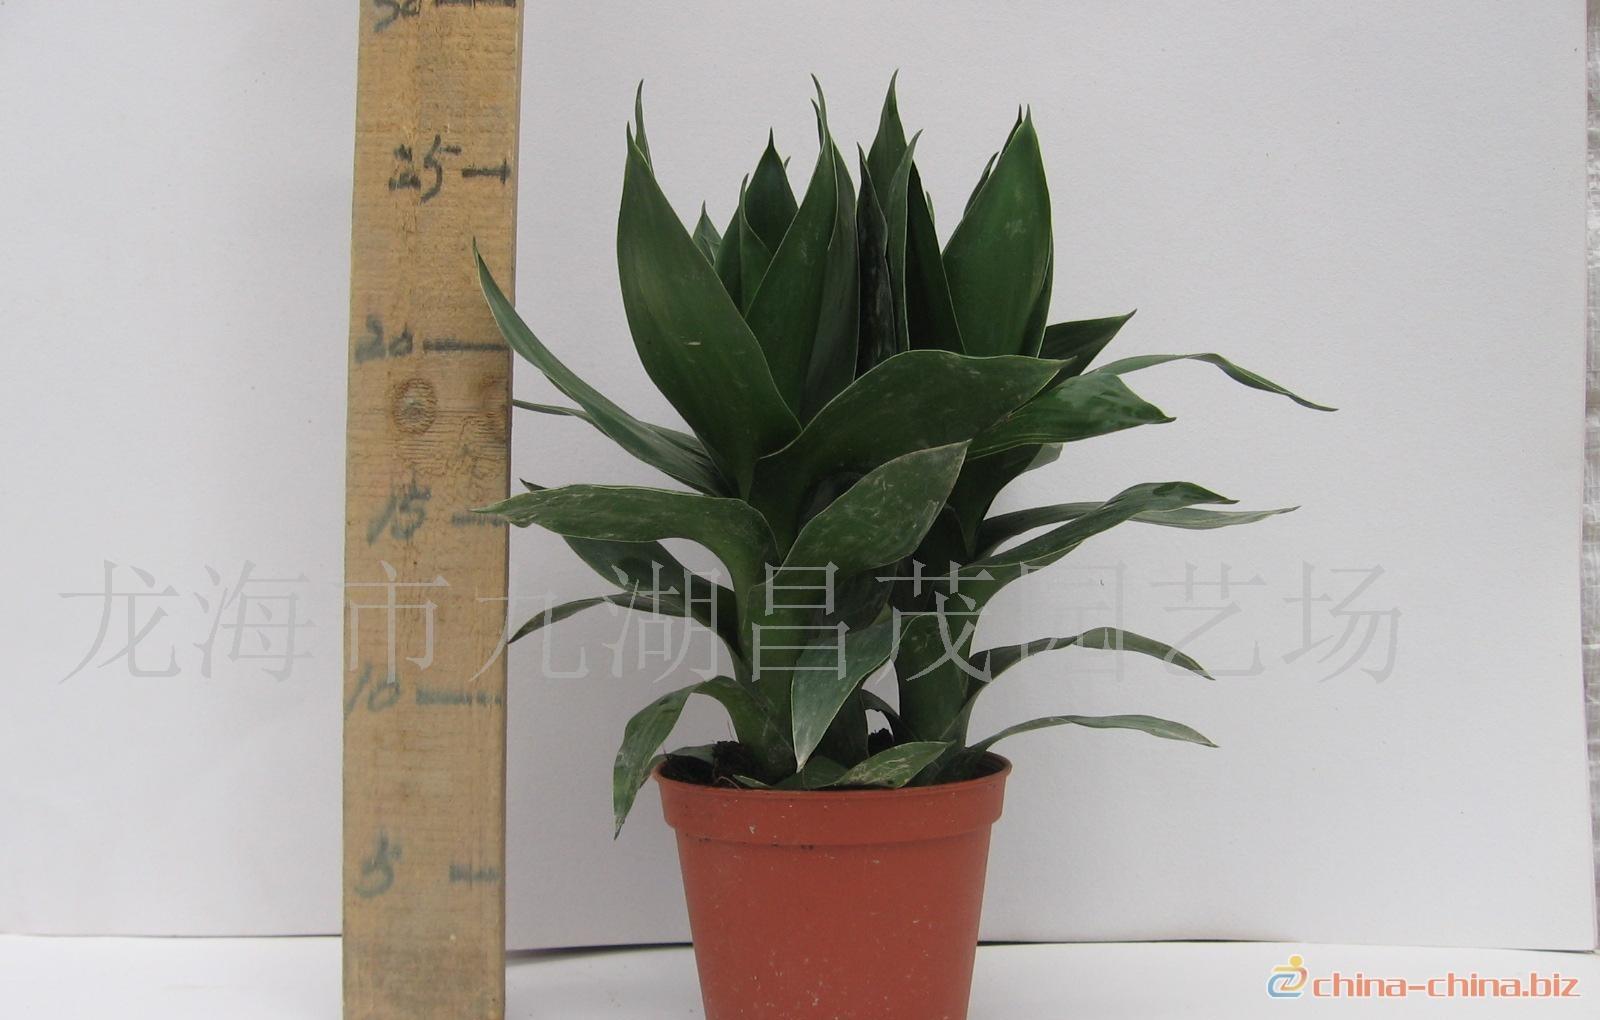 【品种】:有毛凤尾竹,小叶凤尾竹